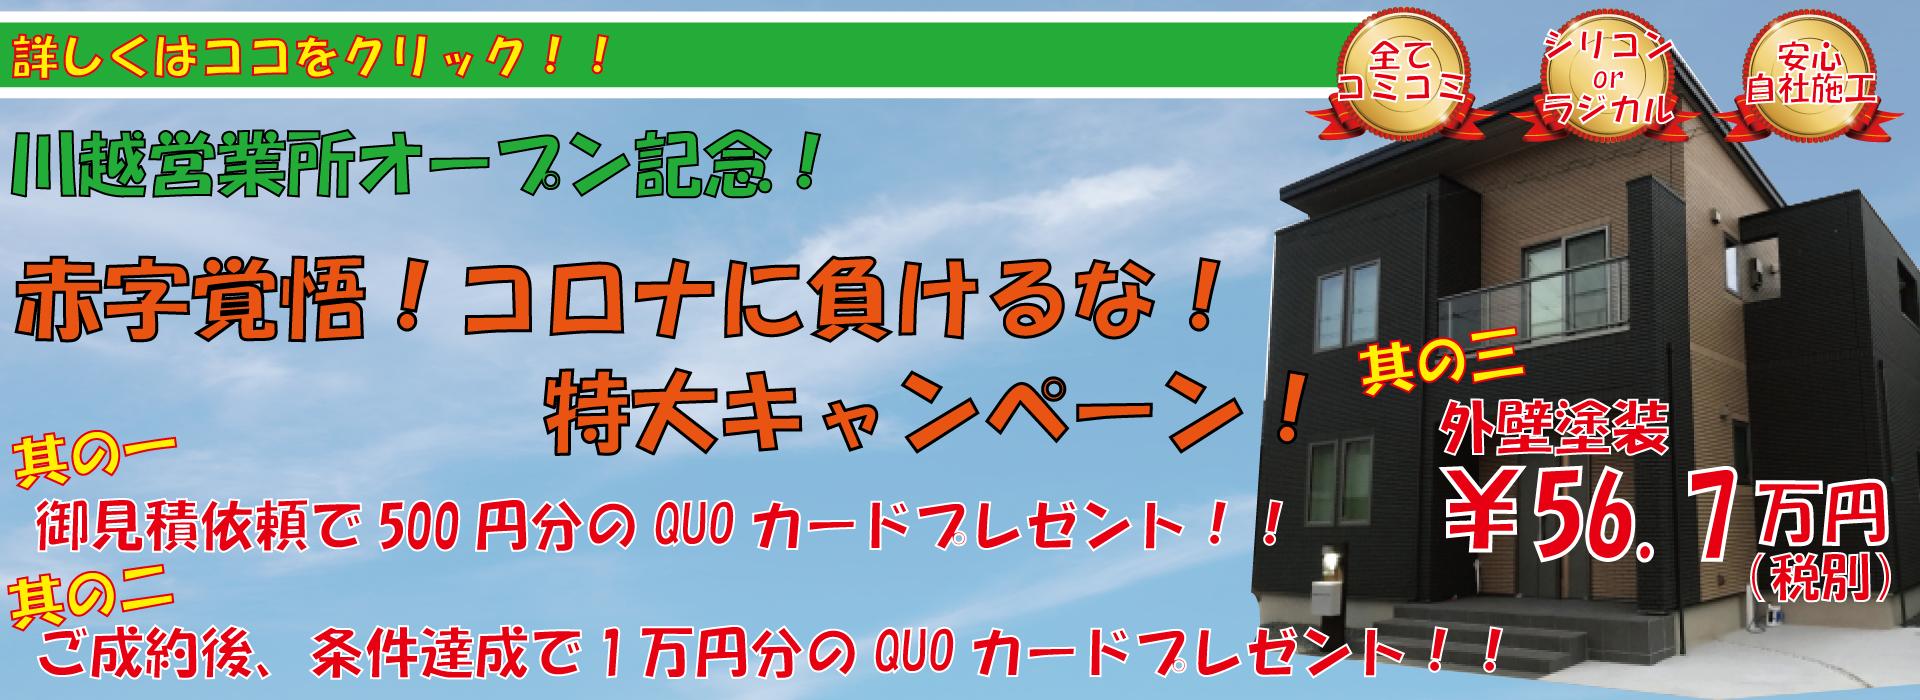 川越営業所オープンキャンペーン